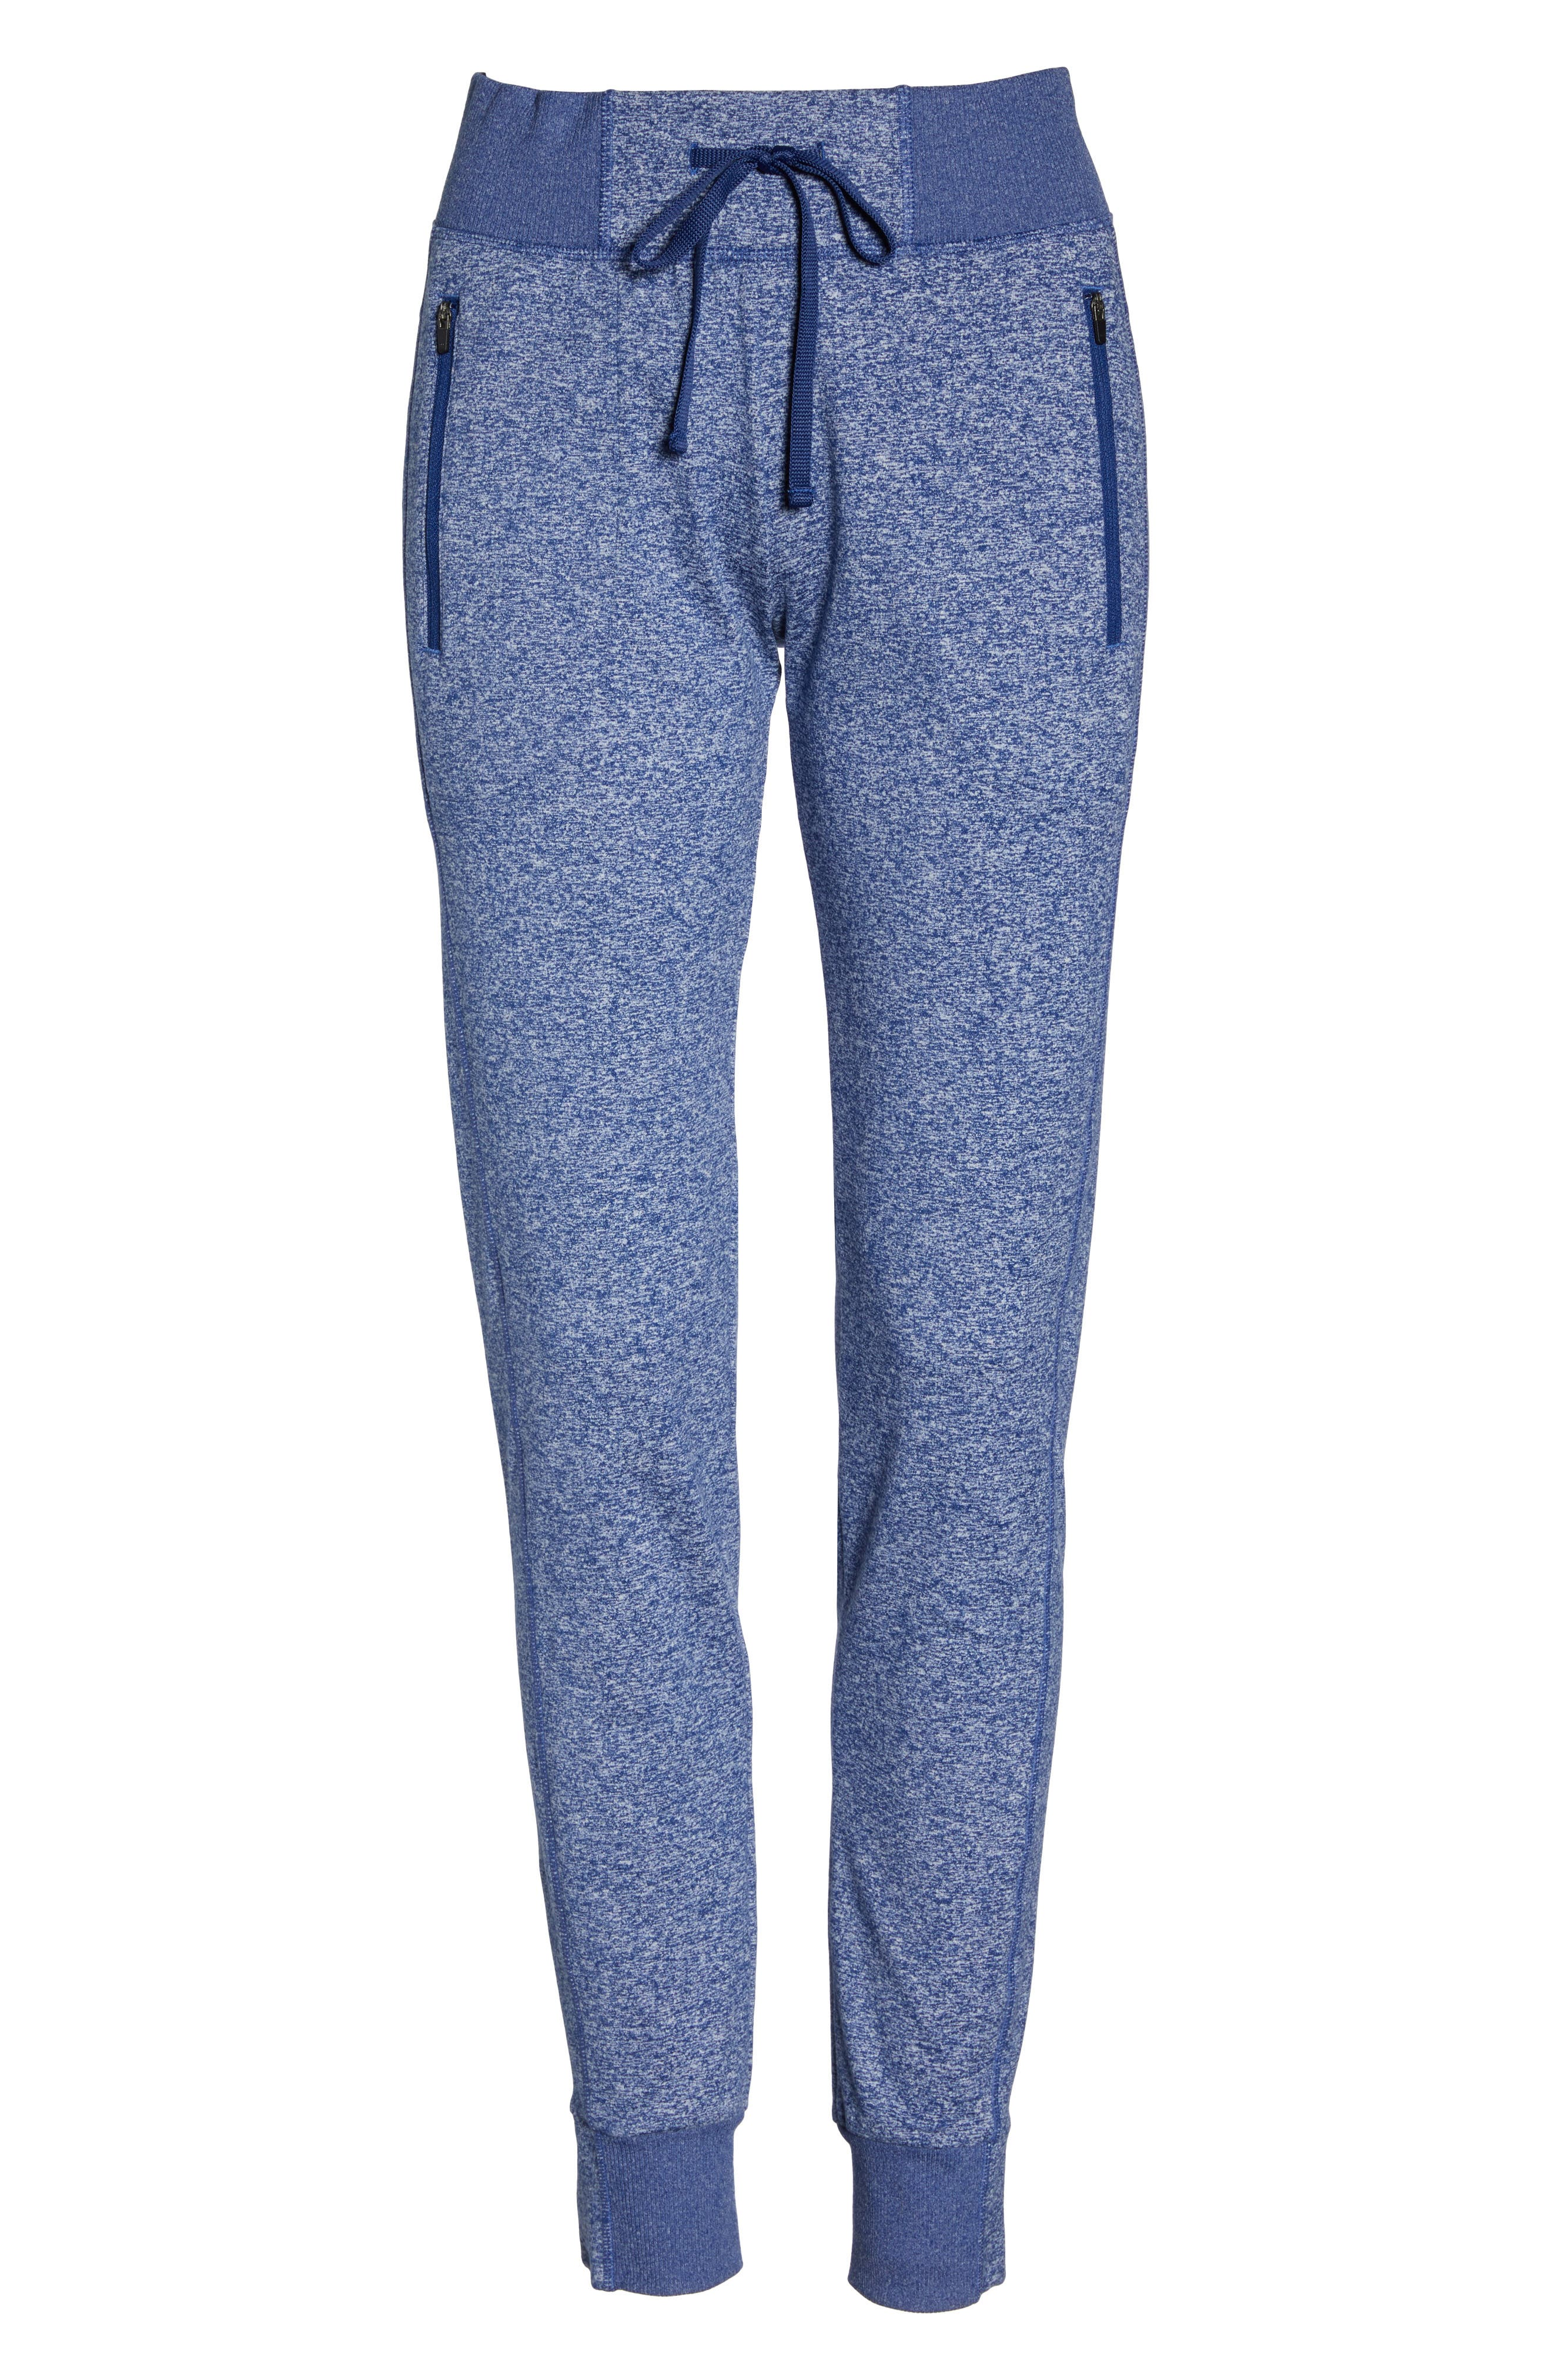 Zella Taryn Sport Knit Pants